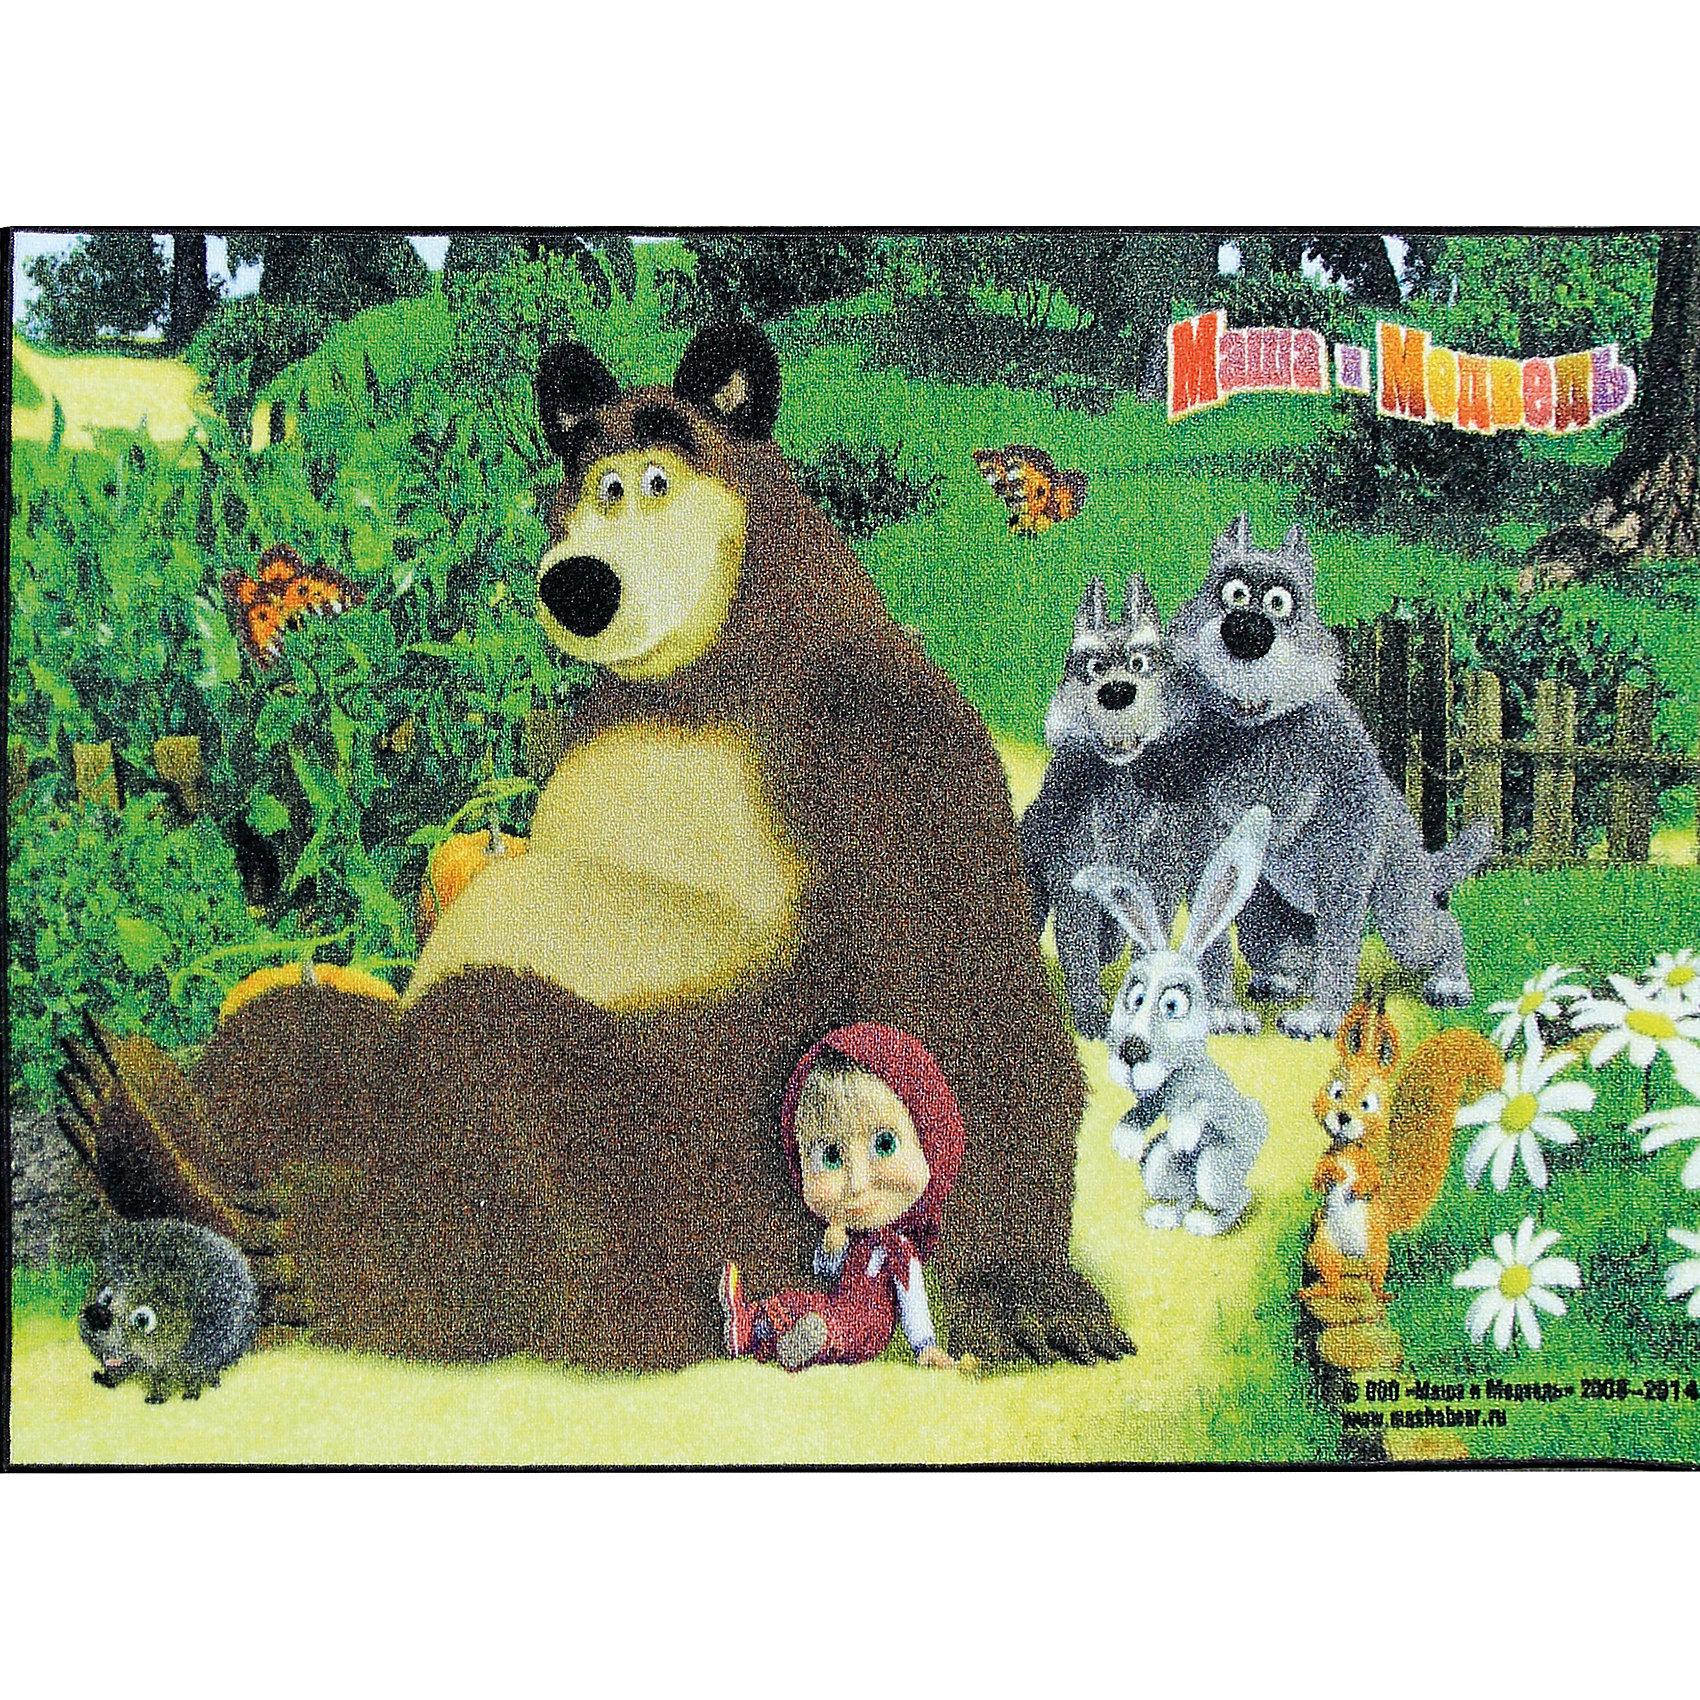 Ковер Маша и Медведь 80*133 смКовер Маша и Медведь 80*133 см – яркий красочный ковер, за которым легко ухаживать сделает уютной комнату вашего ребенка.<br>Позитивный качественный детский ковёр с изображением сюжета из мультсериала «Маша и Медведь» украсит интерьер детской комнаты и наполнит мир вашего ребенка яркими и живыми красками. Ковер очень практичный, изготовлен из безопасных и высококачественных синтетических материалов, стойкий к истиранию и не выгорает. Пыль и грязь не забивается глубоко внутрь ворса, что существенно облегчает уход за изделием, а латексная основа не скользит по полу. По краям ковер аккуратно обшит. Небольшой размер и вес позволит без труда перемещать ковер в разные места комнаты и легко производить уборку под ковром.<br><br>Дополнительная информация:<br><br>- Размер: 80х133 см.<br>- Высота ворса: 5 мм.<br>- Вес ковра: 1,3 кг/м2<br>- Плотность ворса: 290000 точек на м?<br>- Состав ворса: 100% полиамид<br>- Состав основы: гелиевая<br>- Цвет: разноцветный, зеленый<br>- Вид производства: машинное<br><br>Ковер Маша и Медведь 80*133 см можно купить в нашем интернет-магазине.<br><br>Ширина мм: 200<br>Глубина мм: 200<br>Высота мм: 800<br>Вес г: 1277<br>Возраст от месяцев: 36<br>Возраст до месяцев: 120<br>Пол: Унисекс<br>Возраст: Детский<br>SKU: 4466034